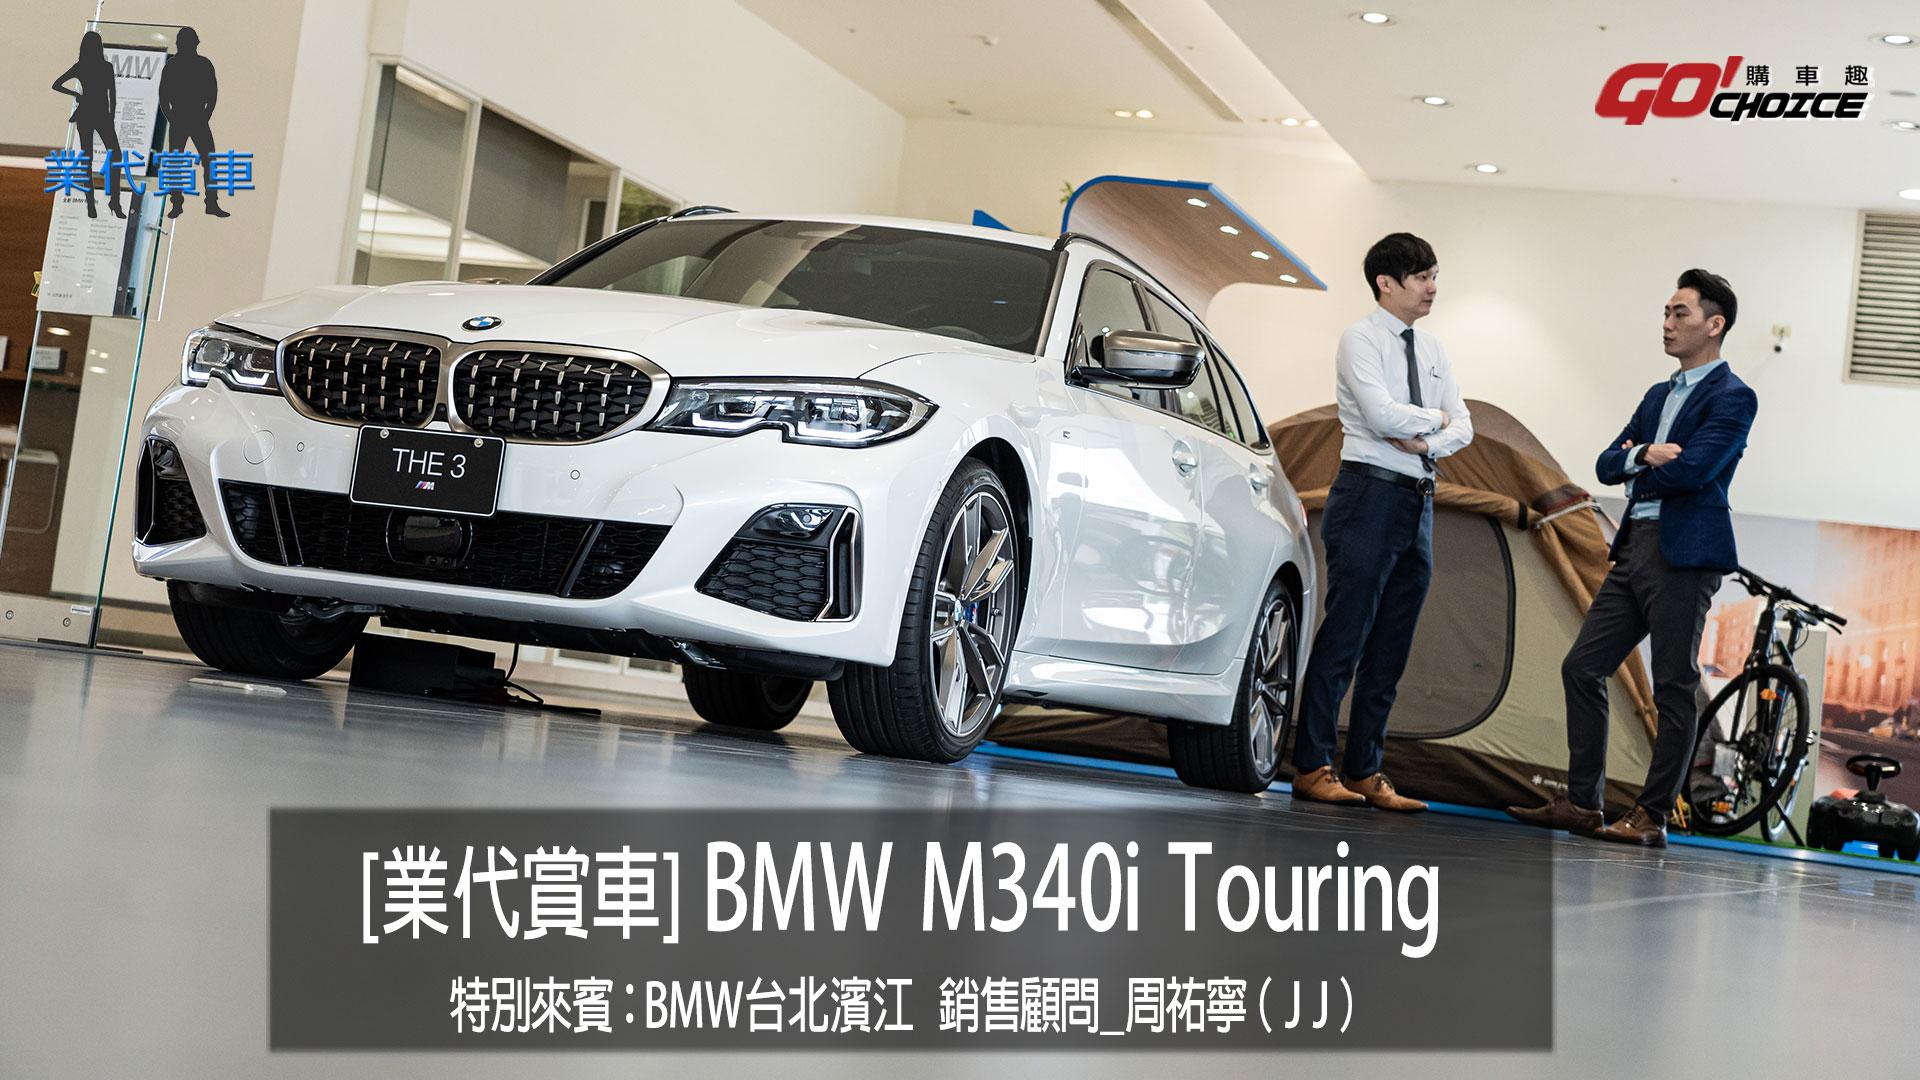 業代賞車-BMW M340i Touring-BMW汎德 台北濱江 銷售顧問-周祐寧